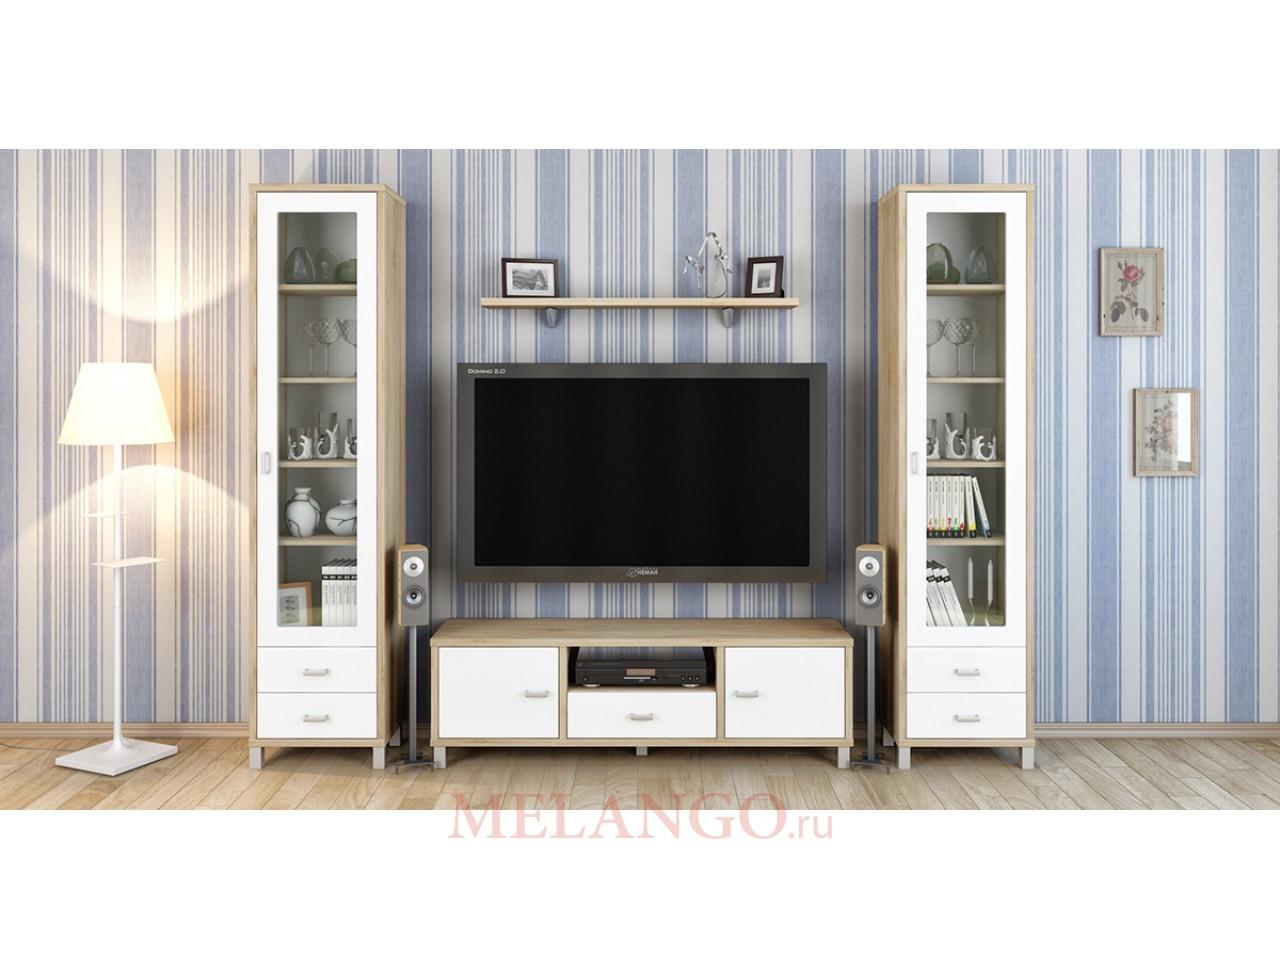 Модульная мебель для гостиной Домино Сонома композиция 2